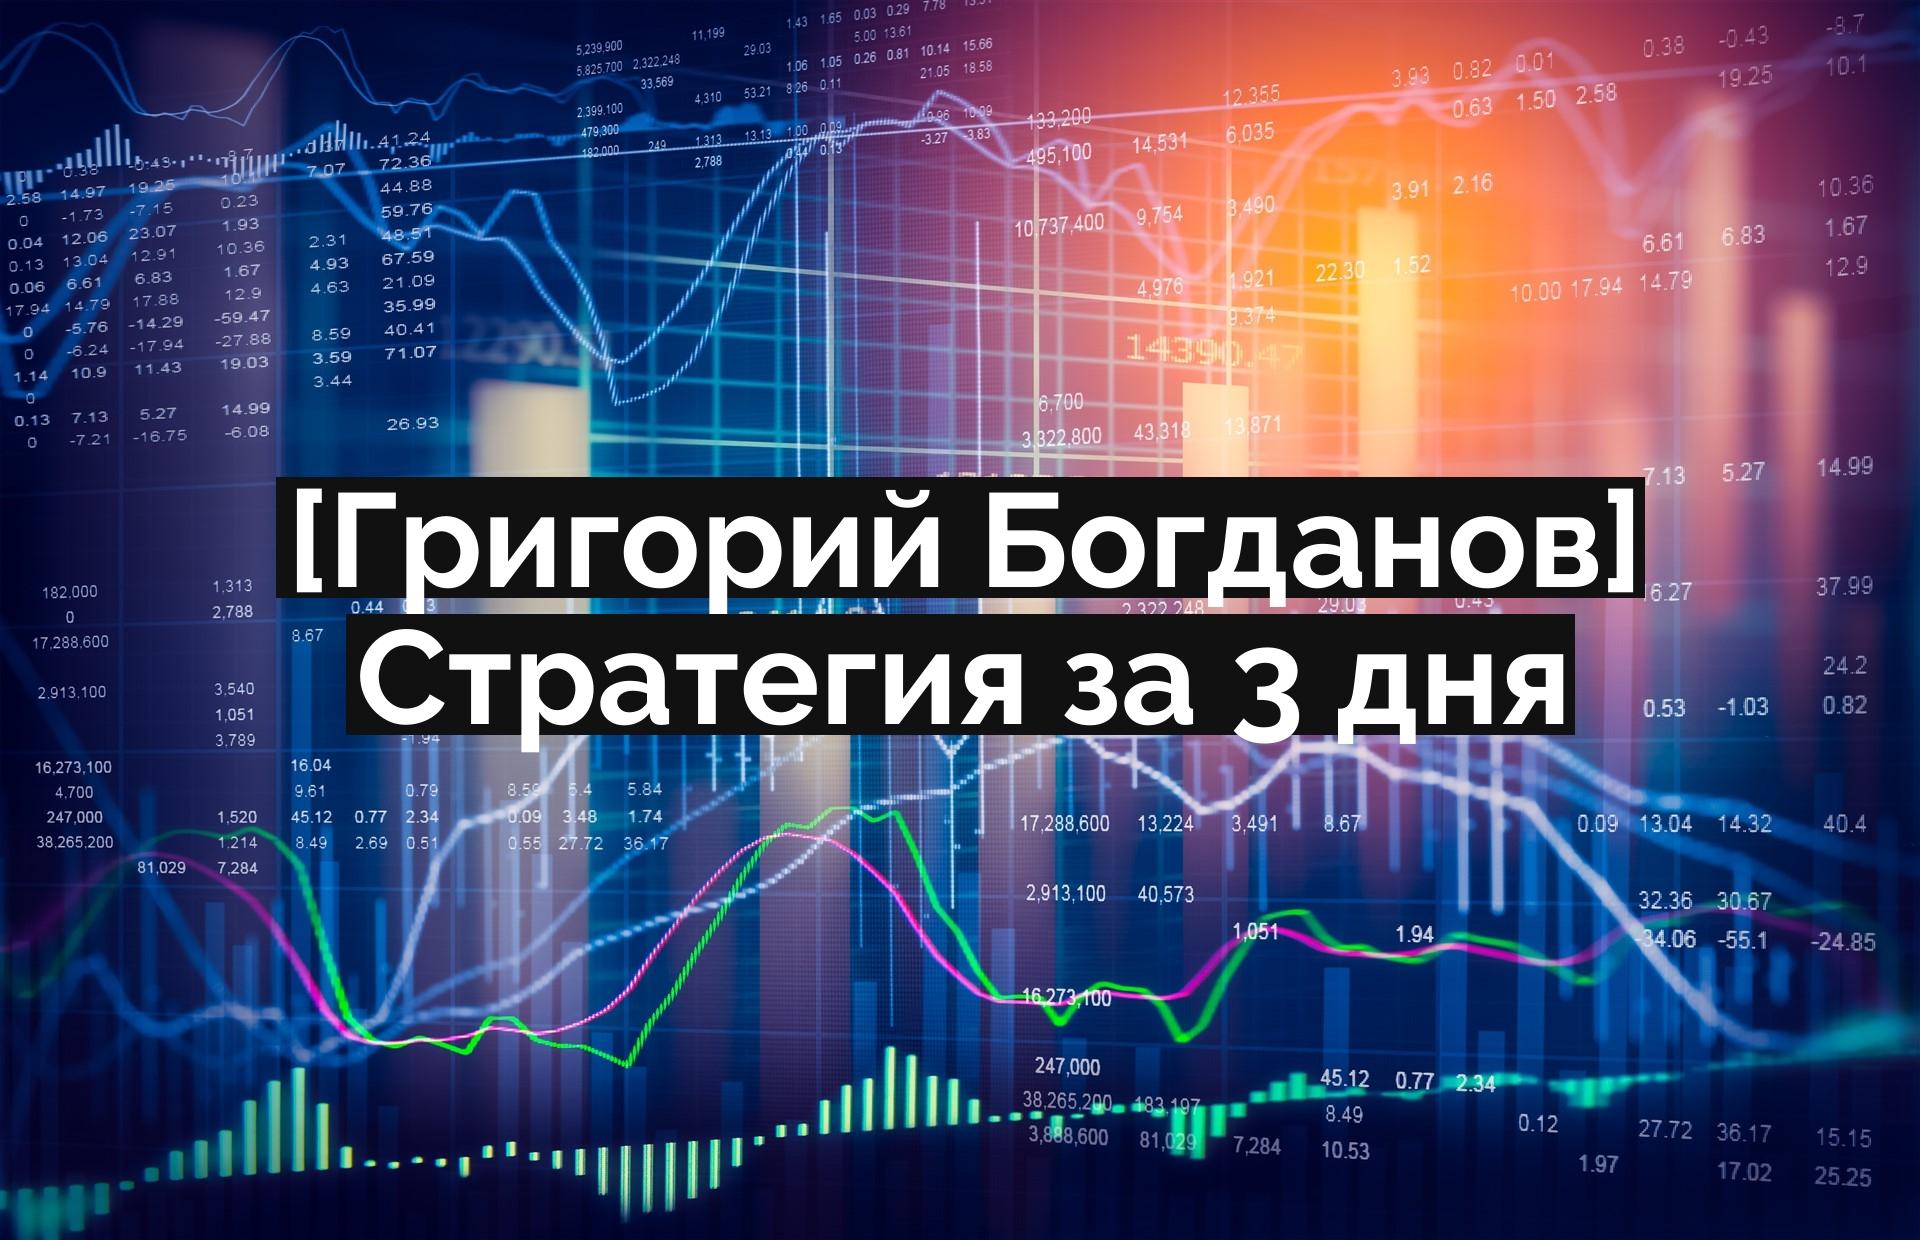 [Григорий Богданов] Стратегия за 3 дня